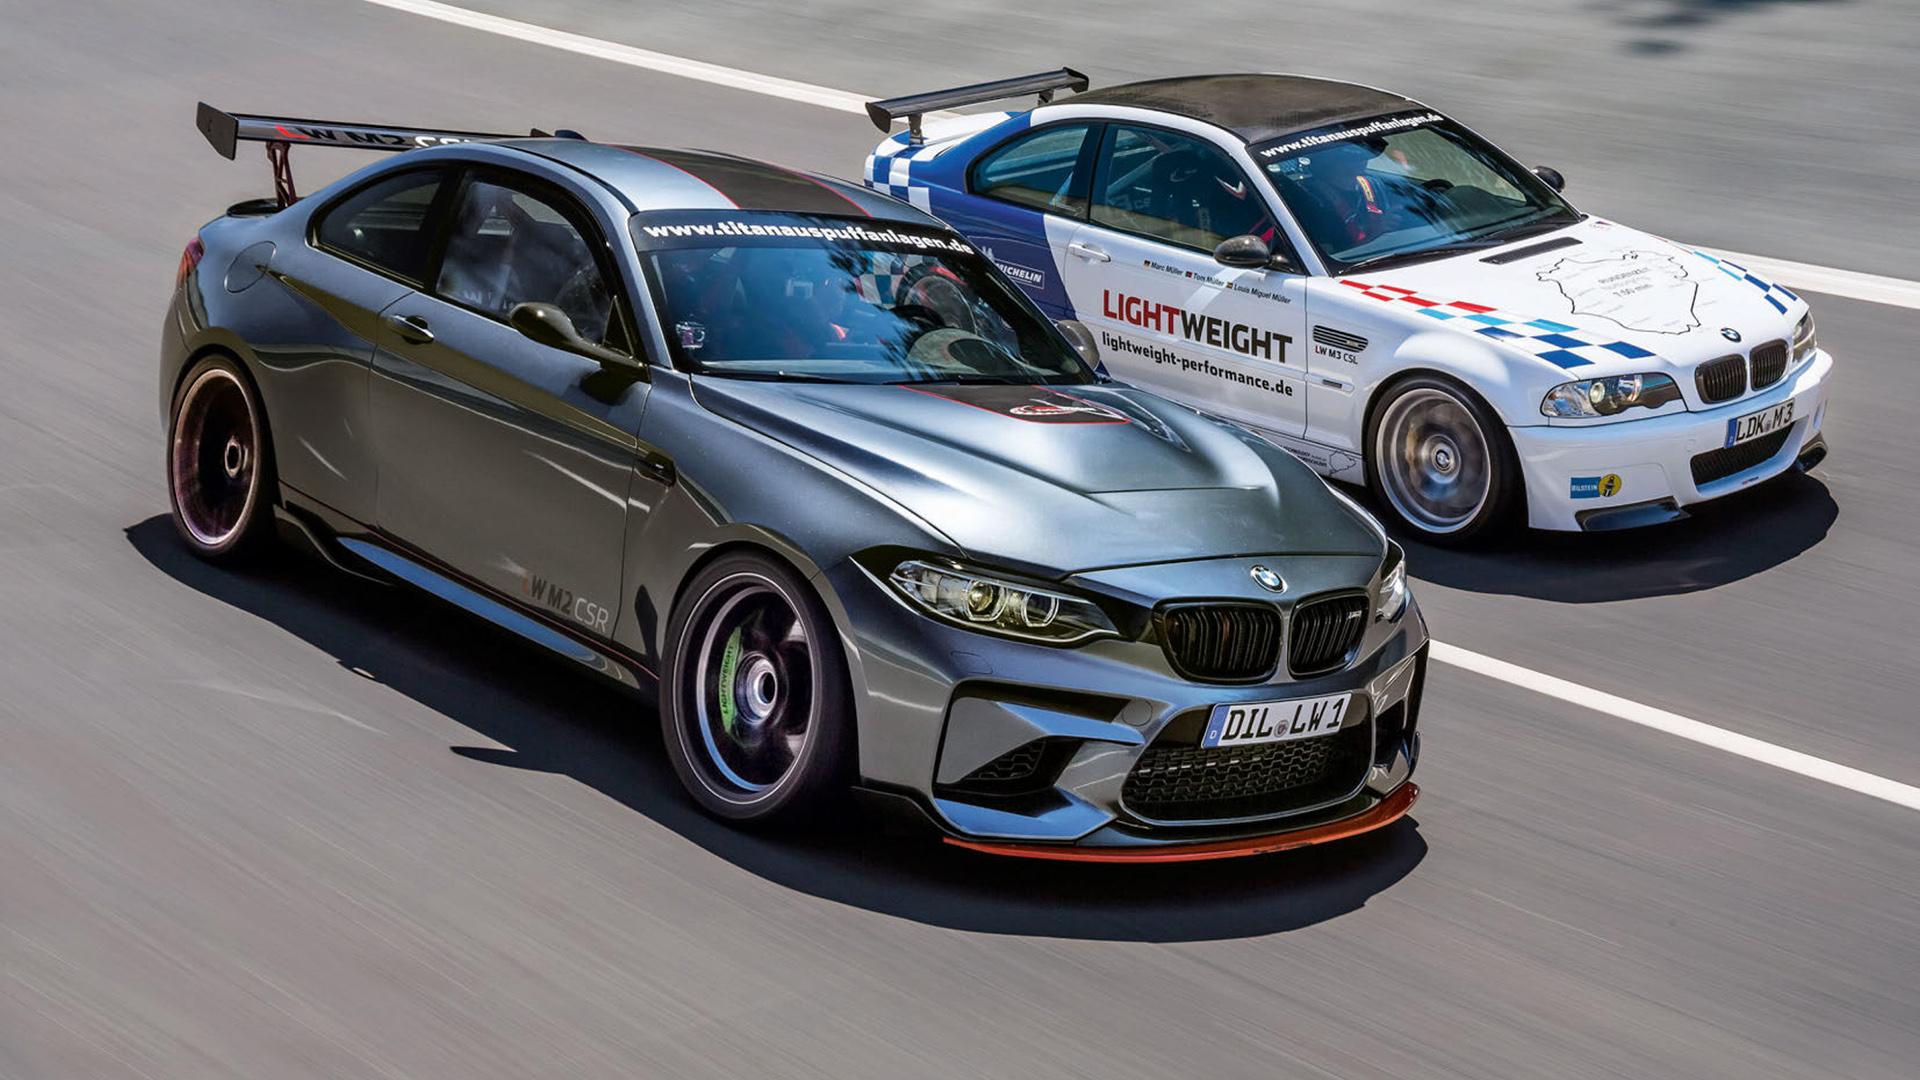 Lightweight Performance Bmw M2 Csr Fastest Bmw Ever Around The Sachsenring